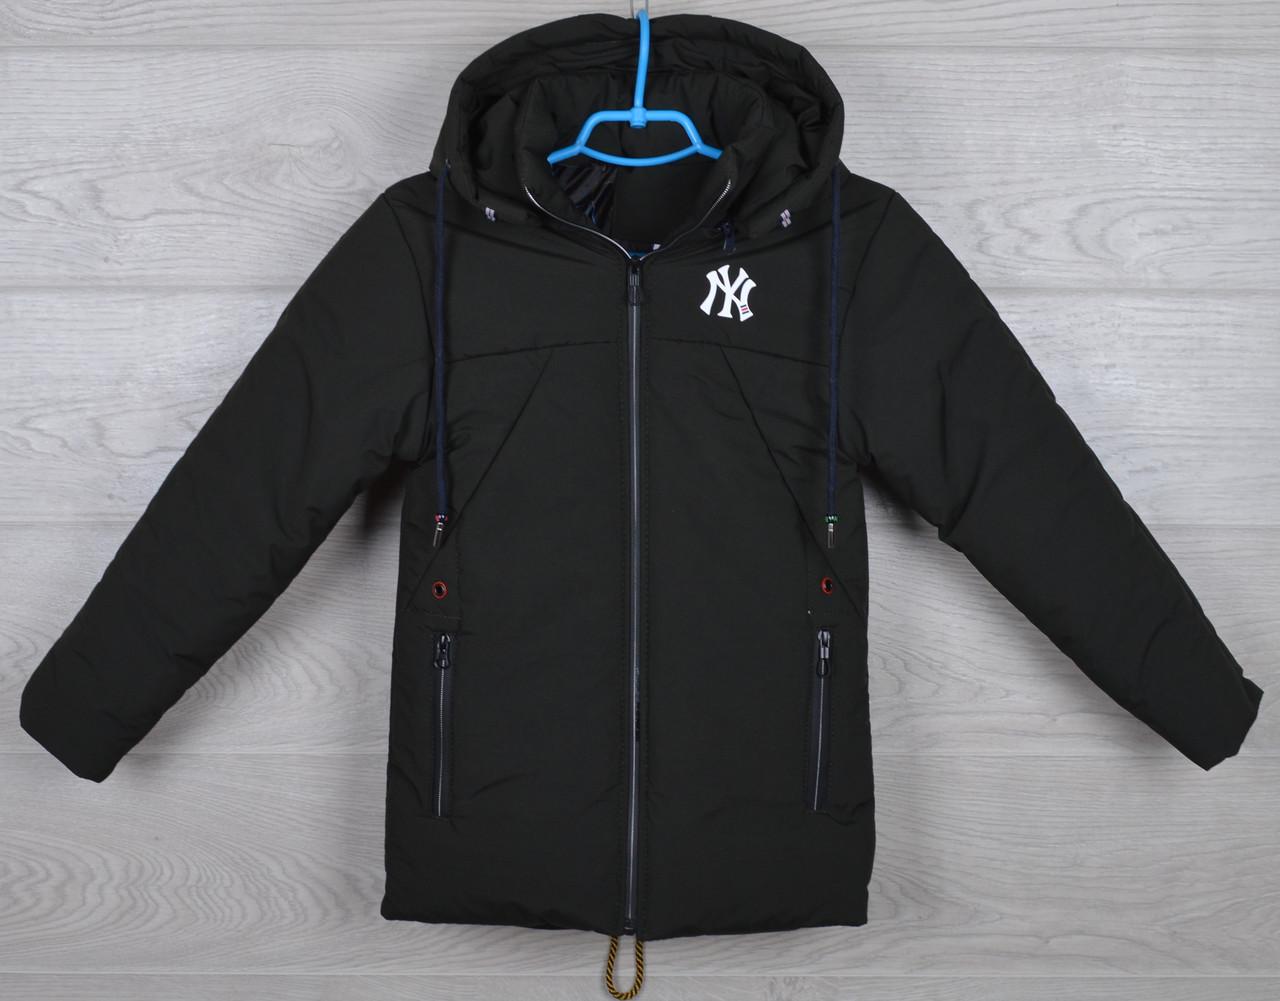 """Куртка детская демисезонная """"NY"""" 4-5-6-7-8 лет (104-128 см). Хаки темный). Оптом."""